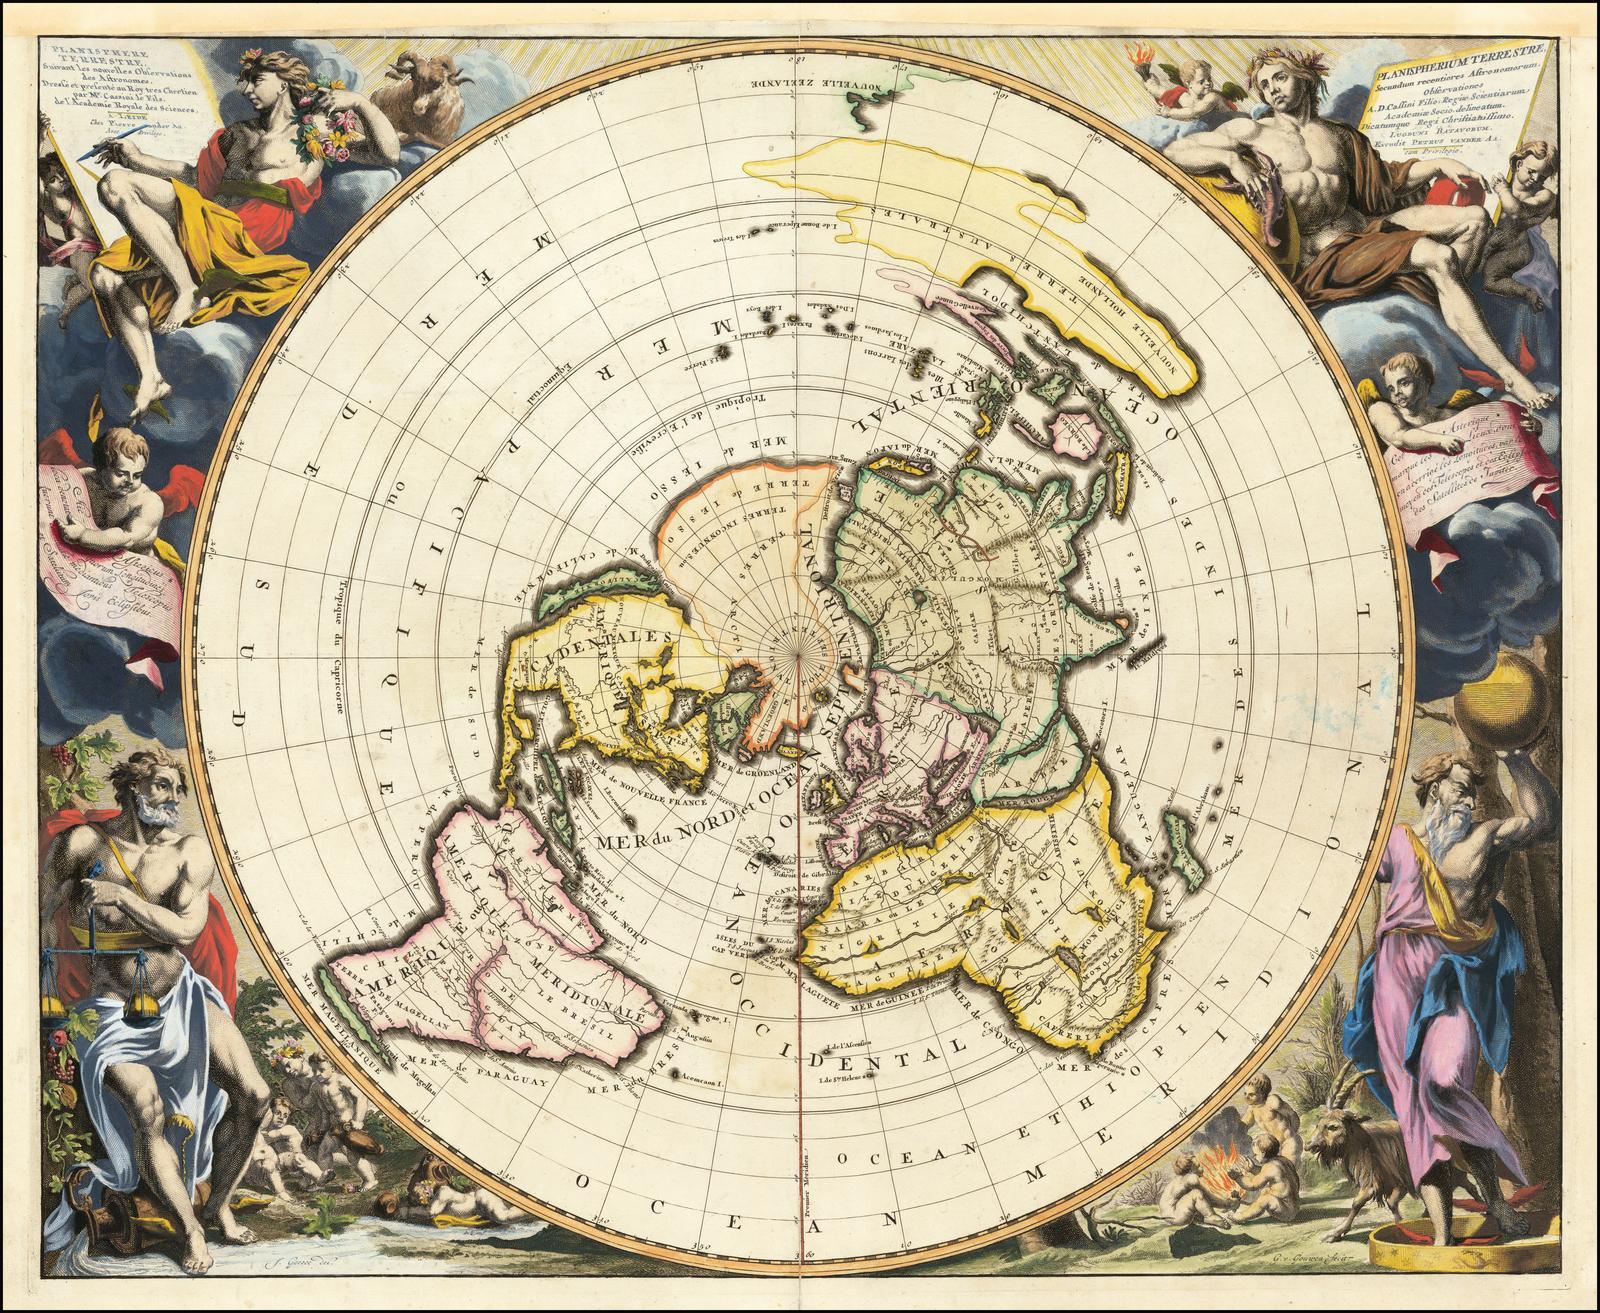 Прекрасный пример карты мира Питера ван дер Аа, использующей важную Северную полярную проекцию Кассини